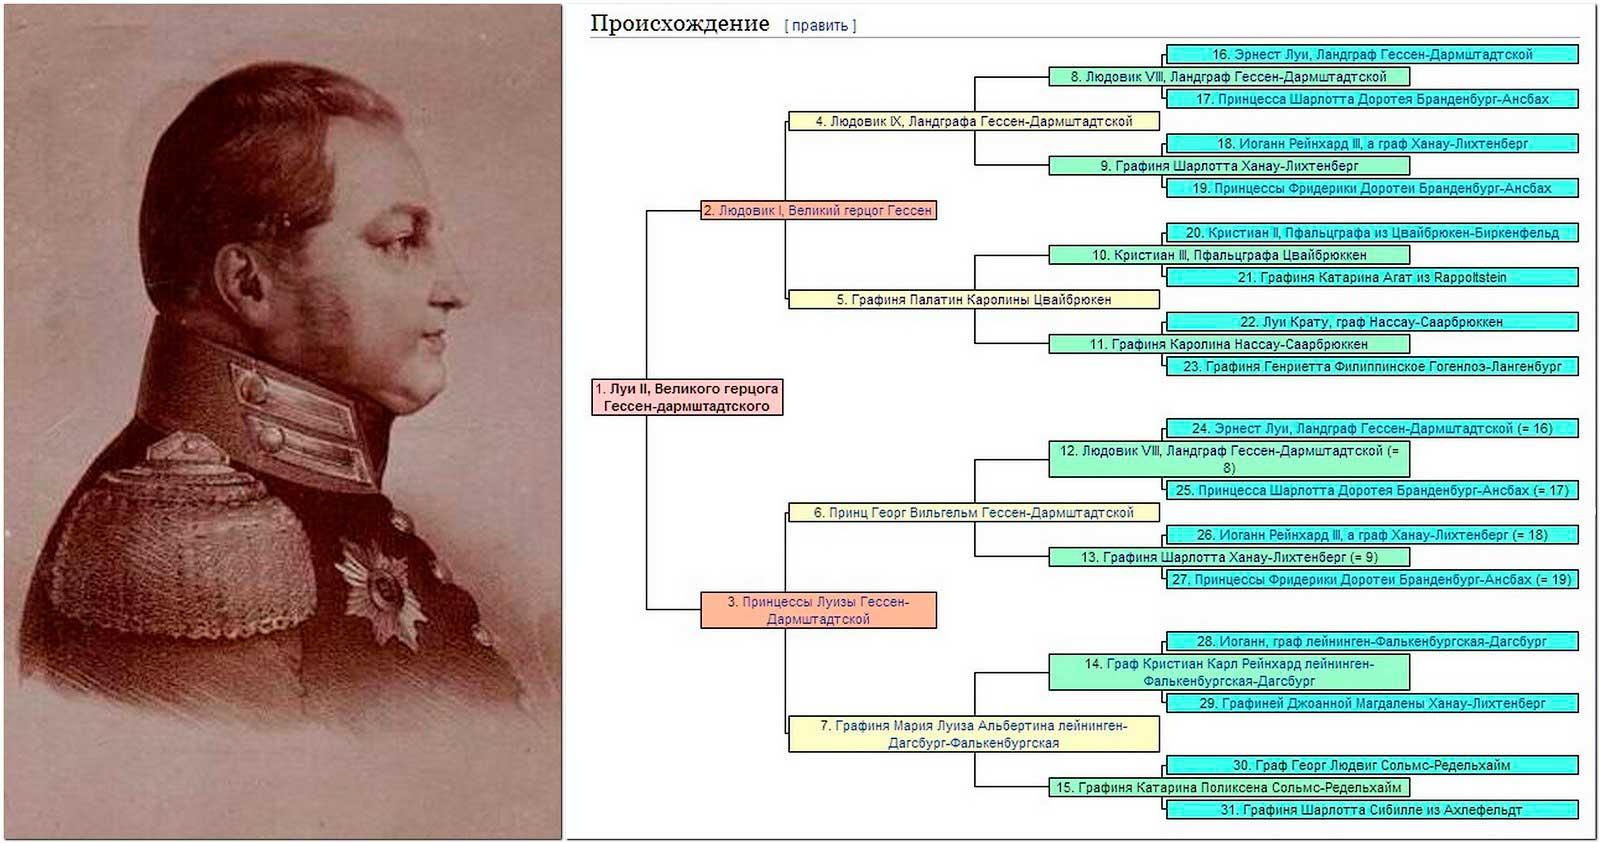 Родословная мужа принцессы Вильгельмины (шурачки императора Николая Павловича).